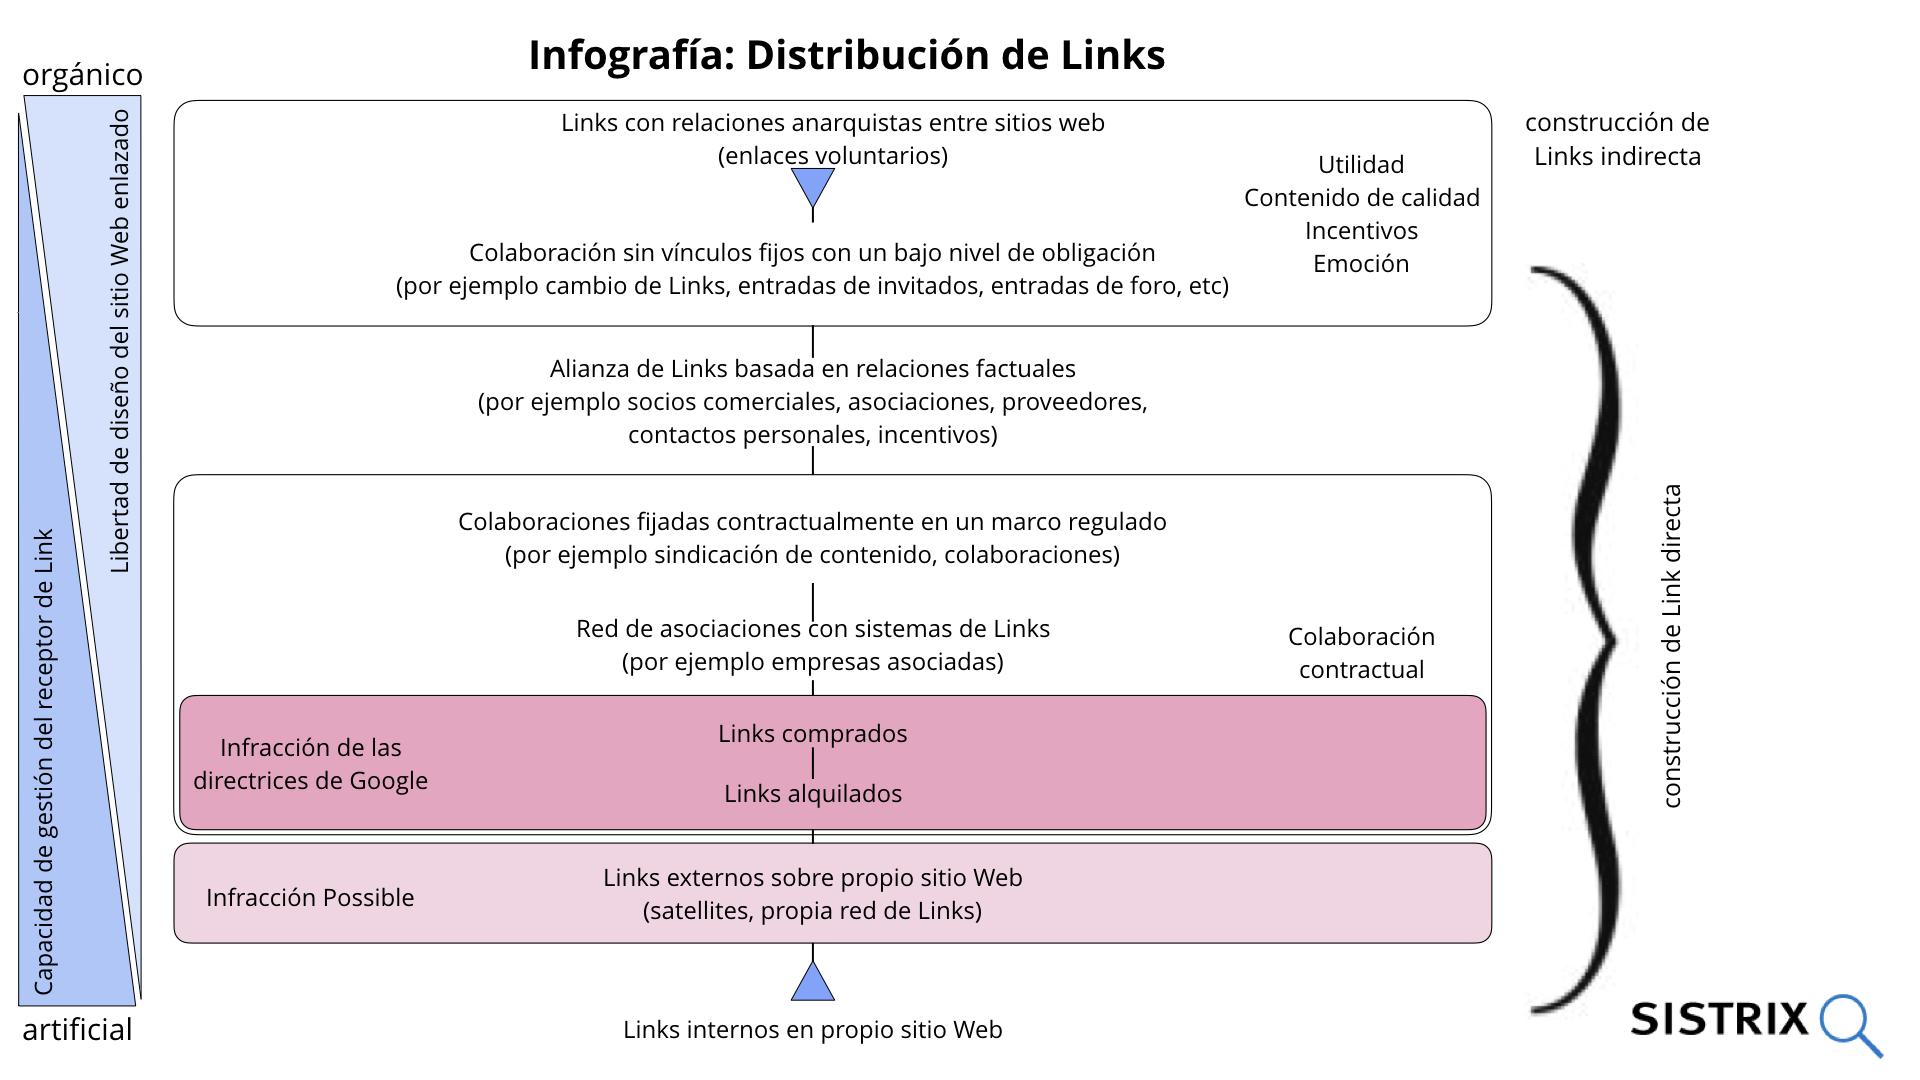 Infografía distribución links